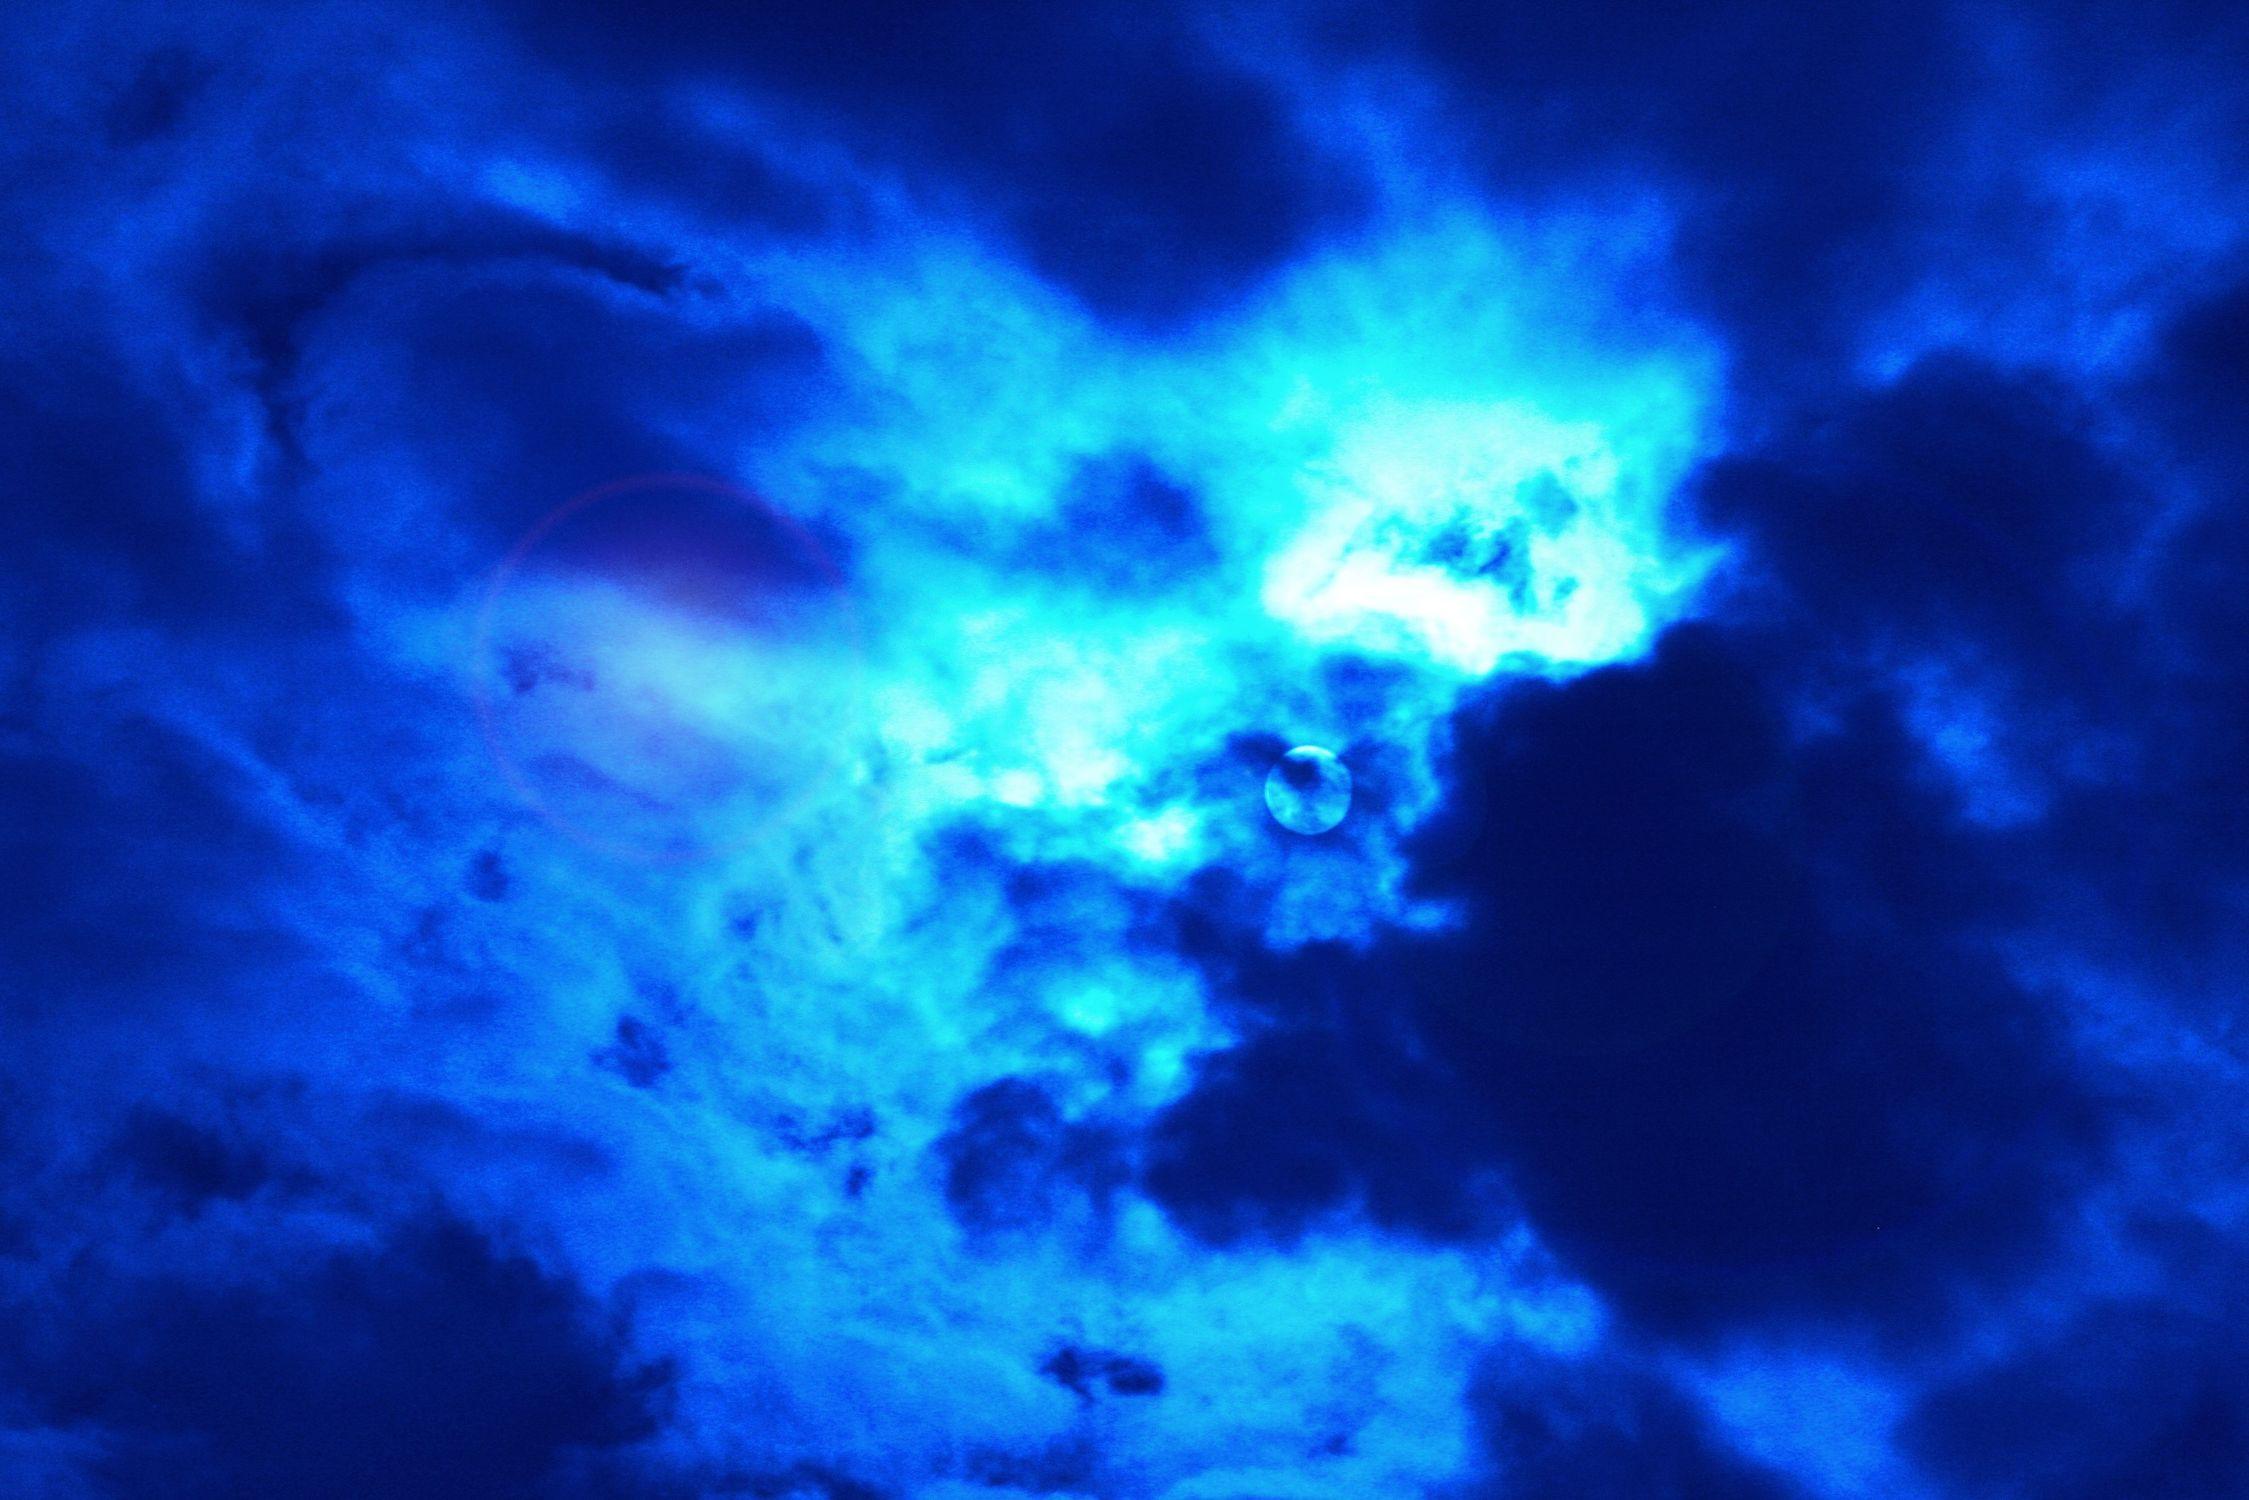 Bild mit Natur, Elemente, Wasser, Himmel, Wolken, Tageslicht, Blau, Kobaltblau, Azurblau, Dunkelheit, Gewitter